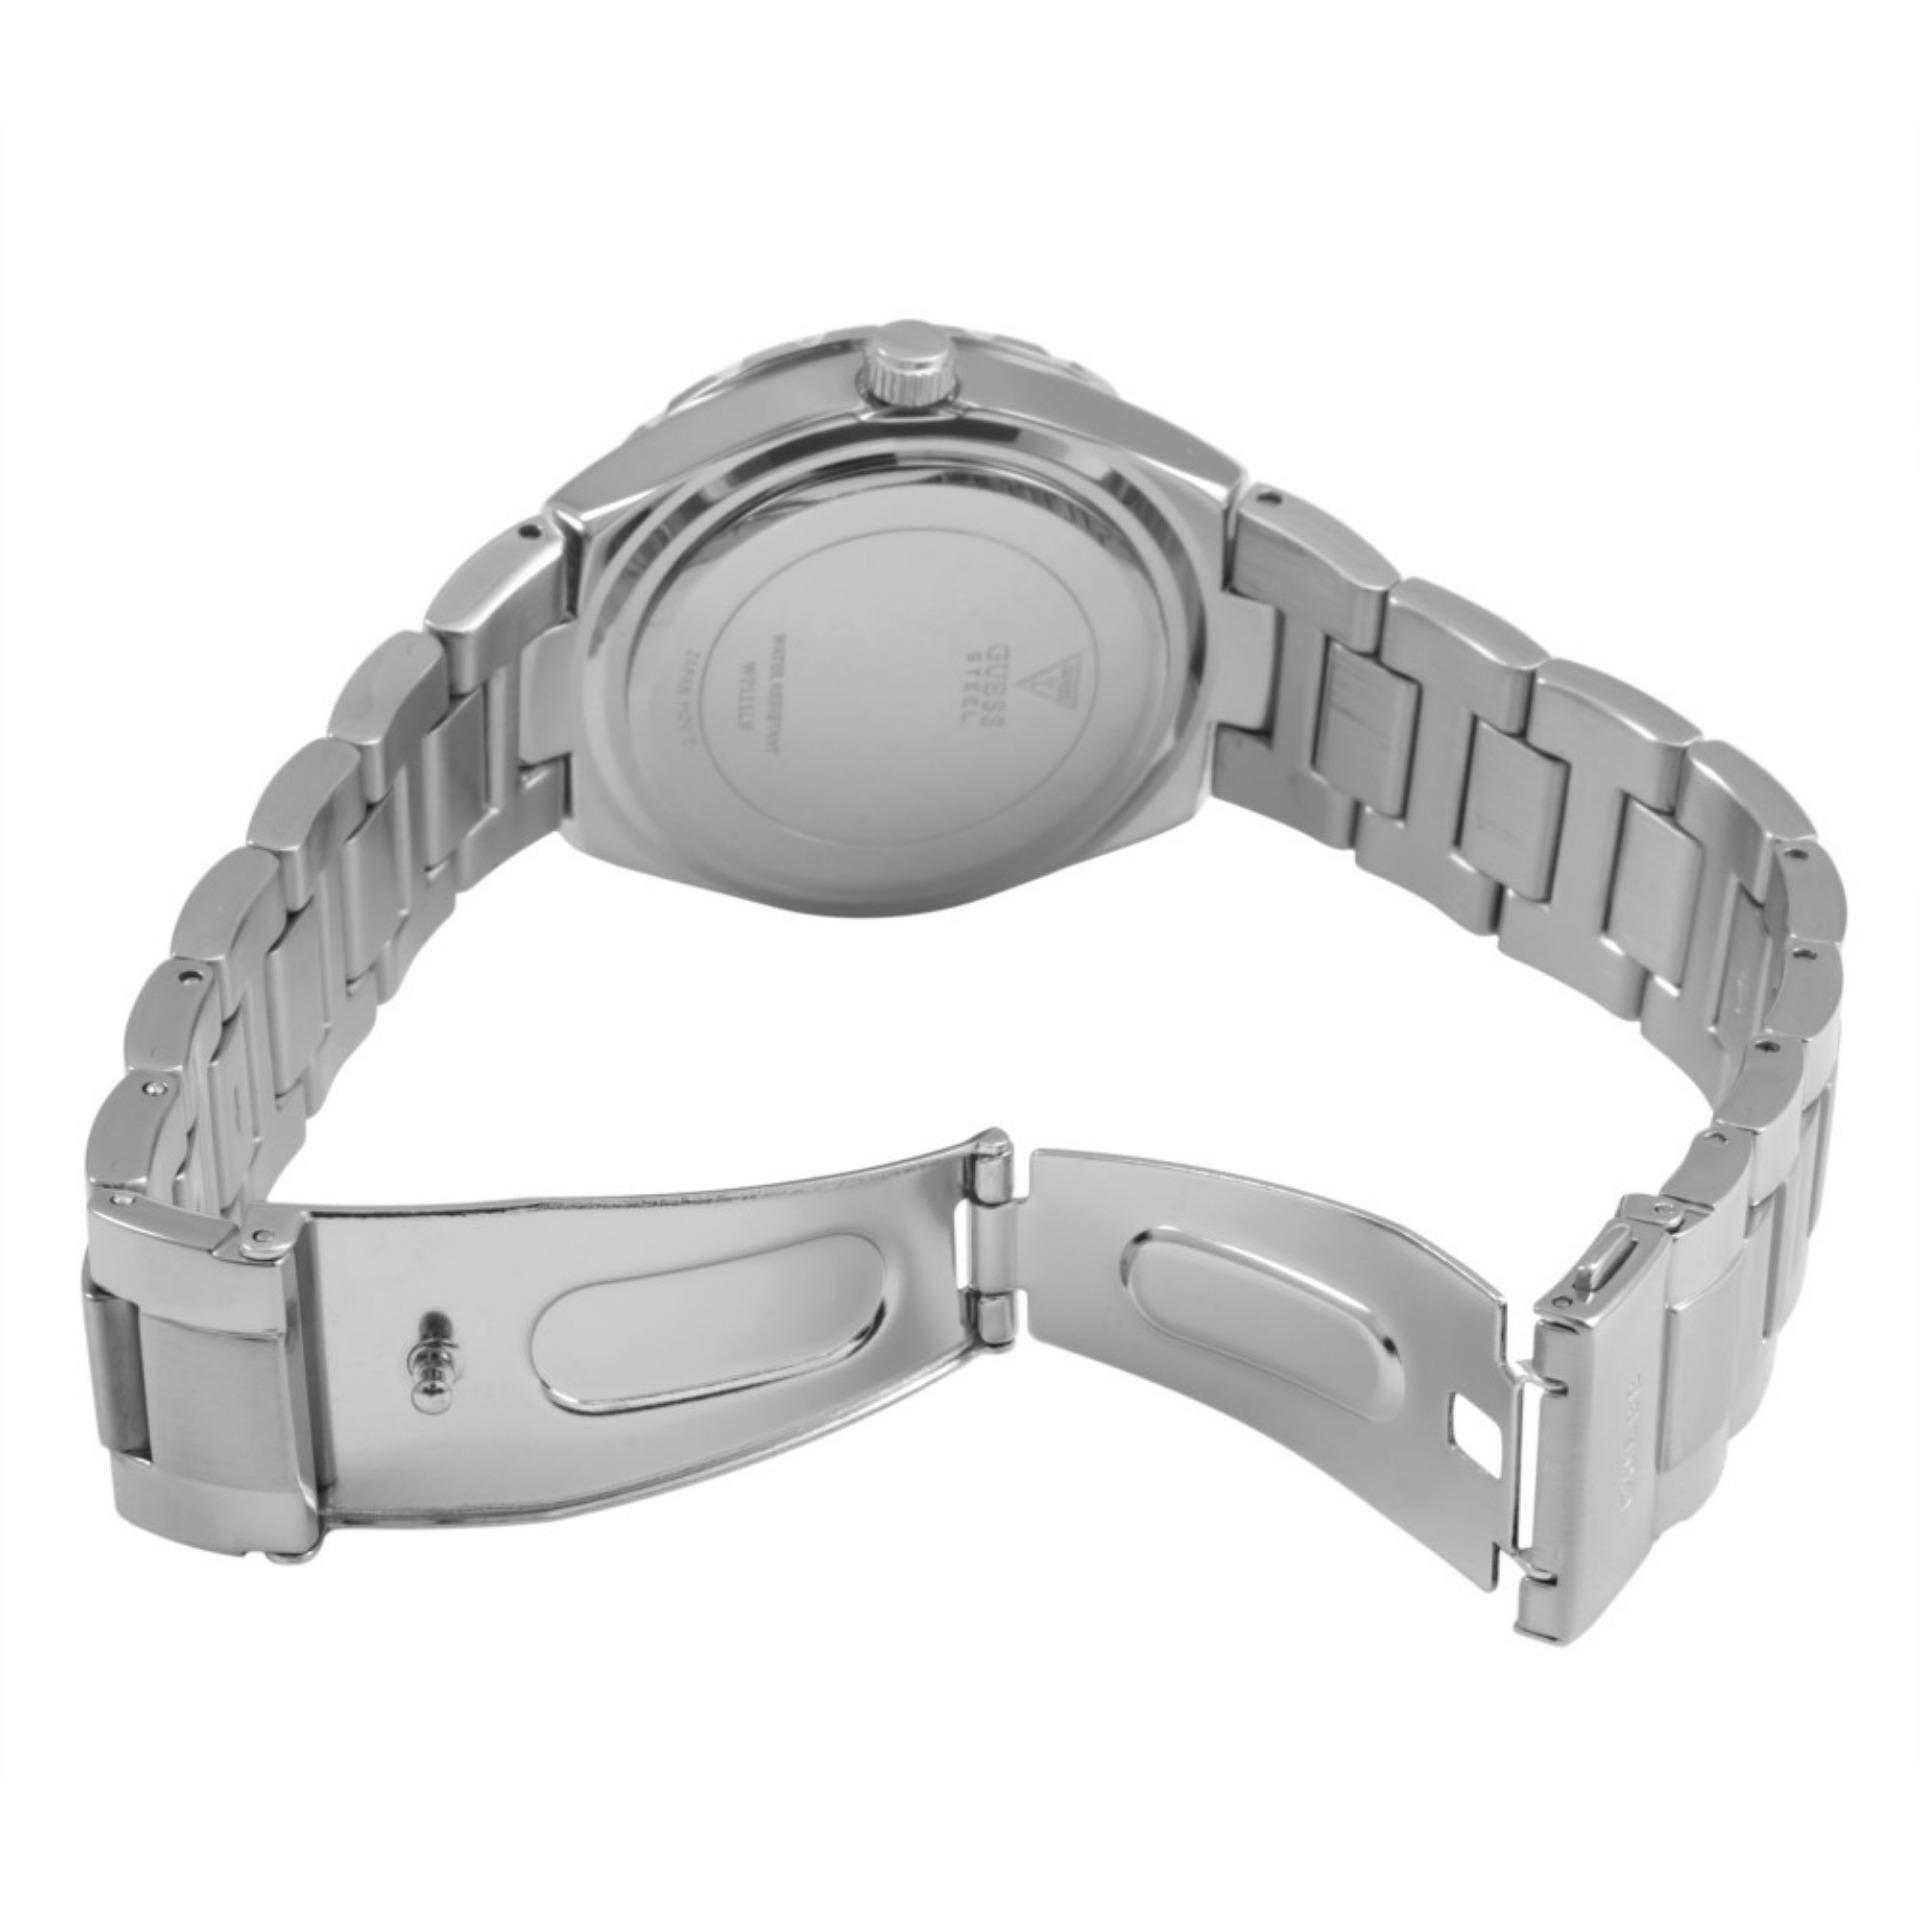 Guess Jam Tangan Wanita Guess W0111L1 Viva Multifunction Silver Stainless Steel Watch .